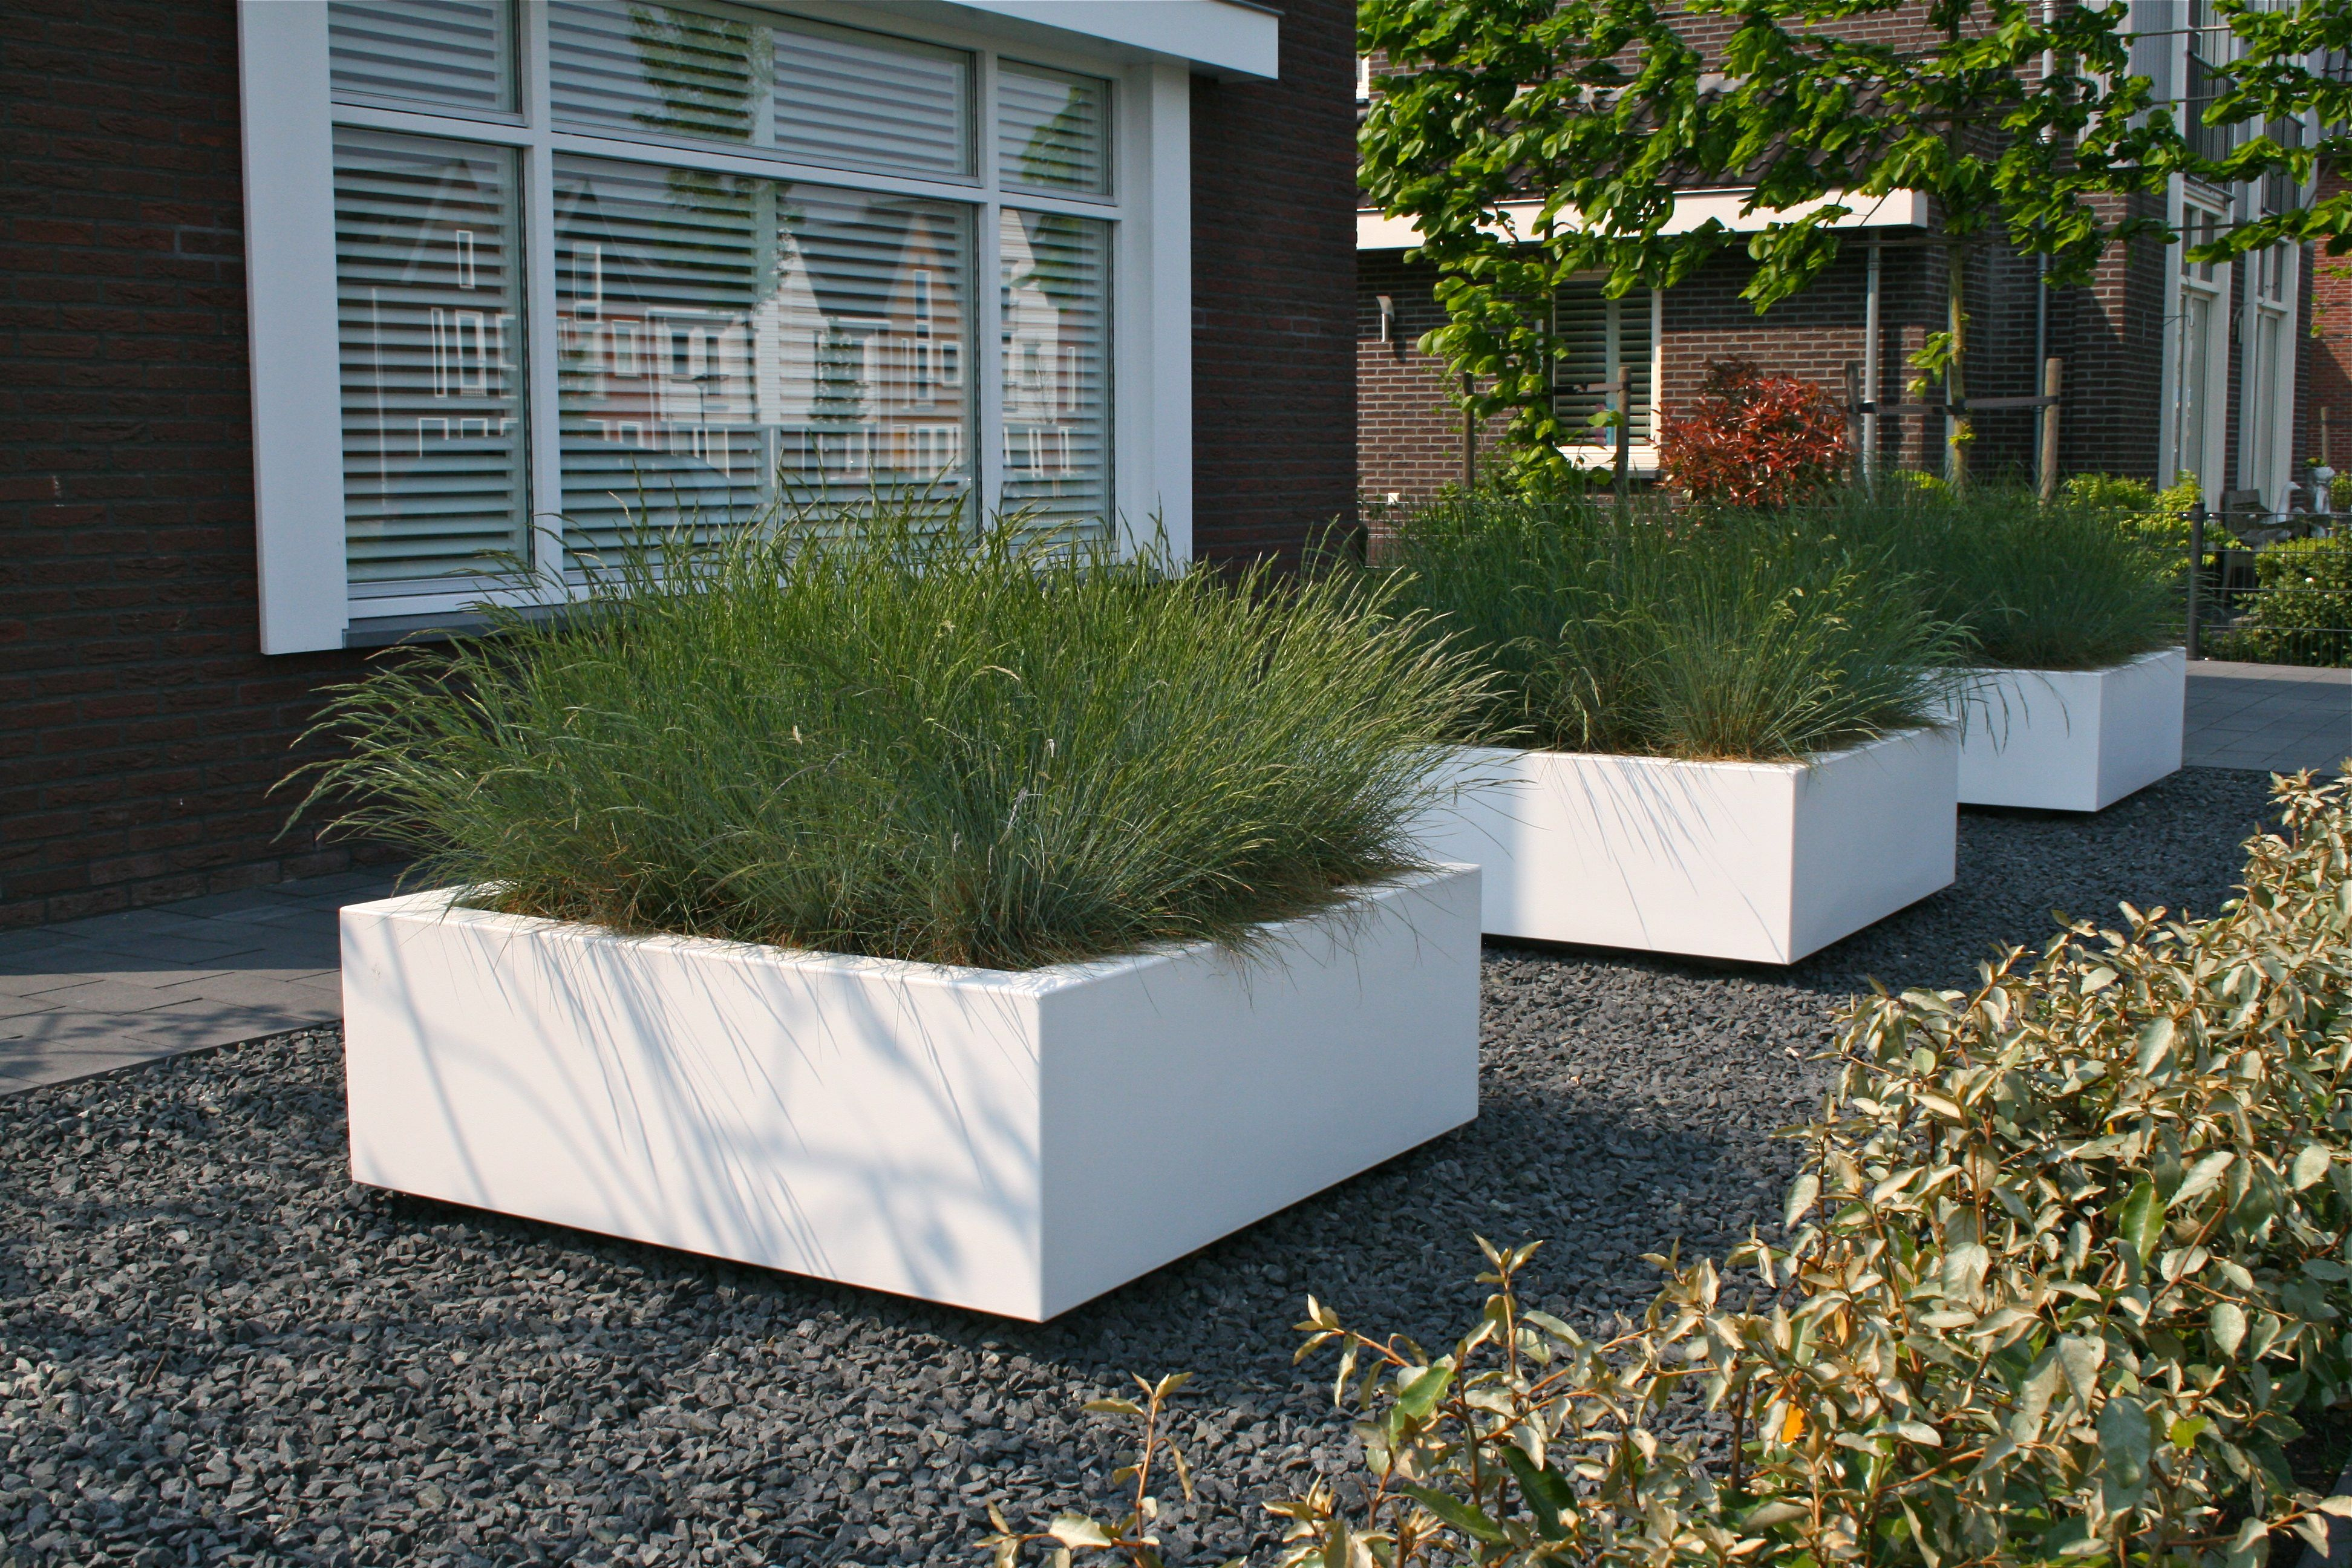 Moderne voortuin met grote planten witte bakken aangeplant for Ideeen voortuin